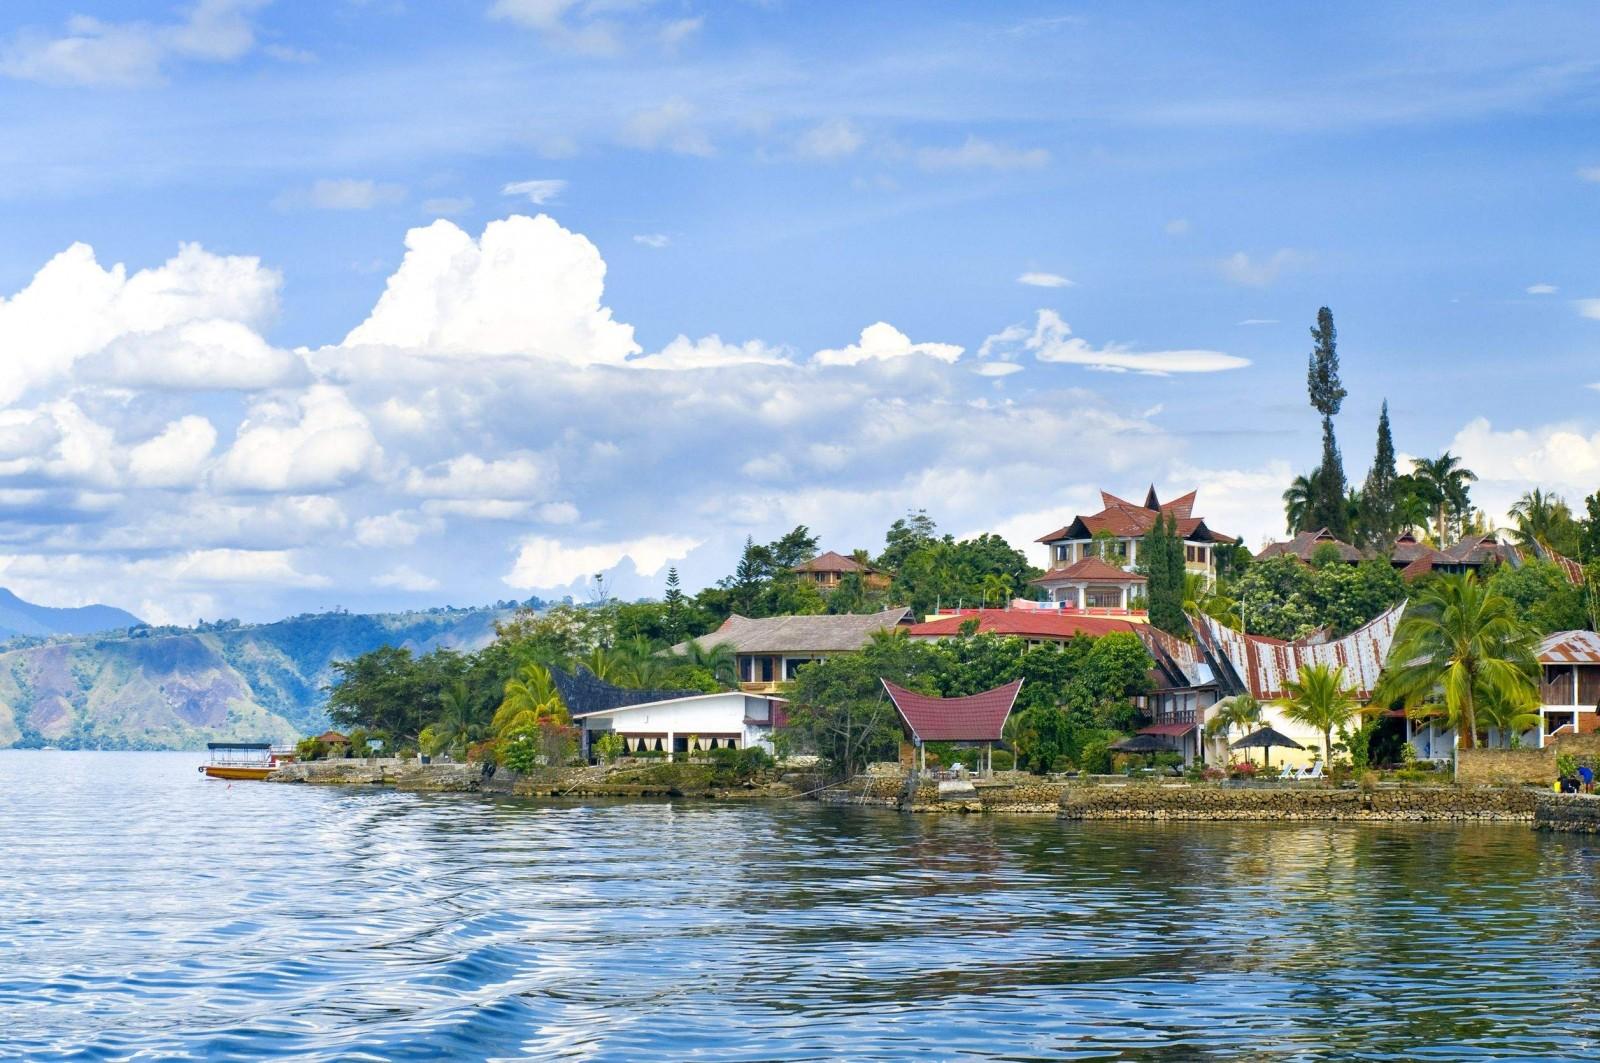 أهم الأماكن الرائعه في اندونيسيا